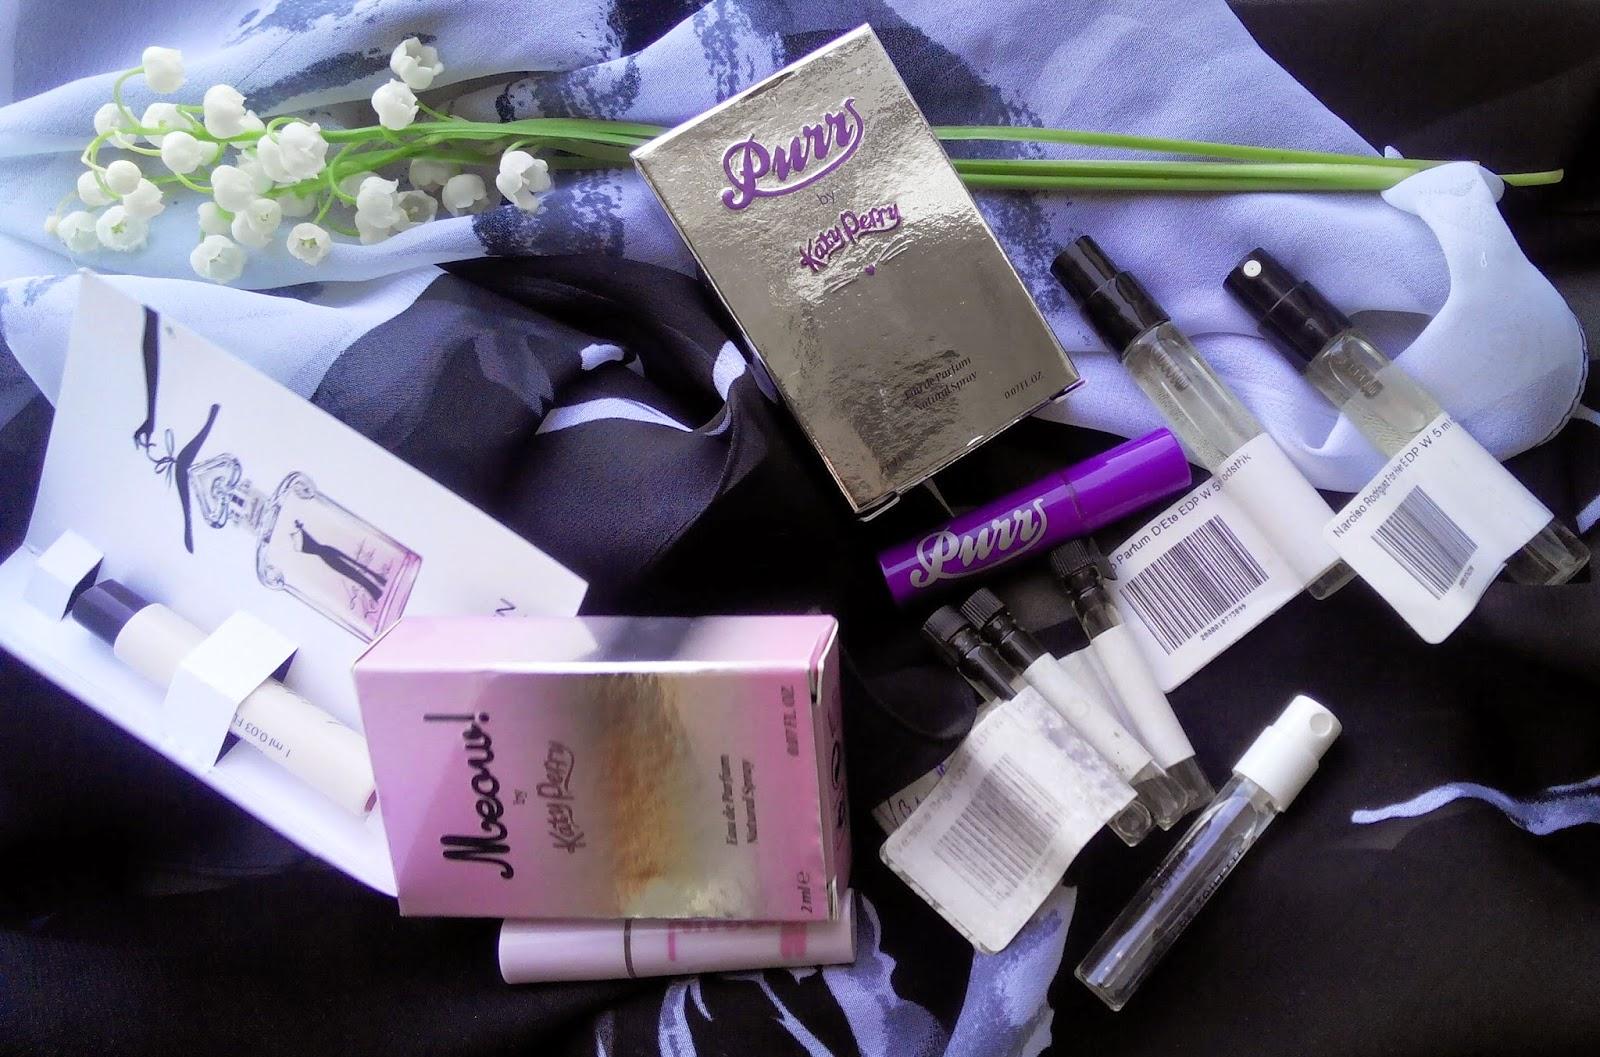 Купить пробники косметики и парфюмерии спб купить косметику для солярия